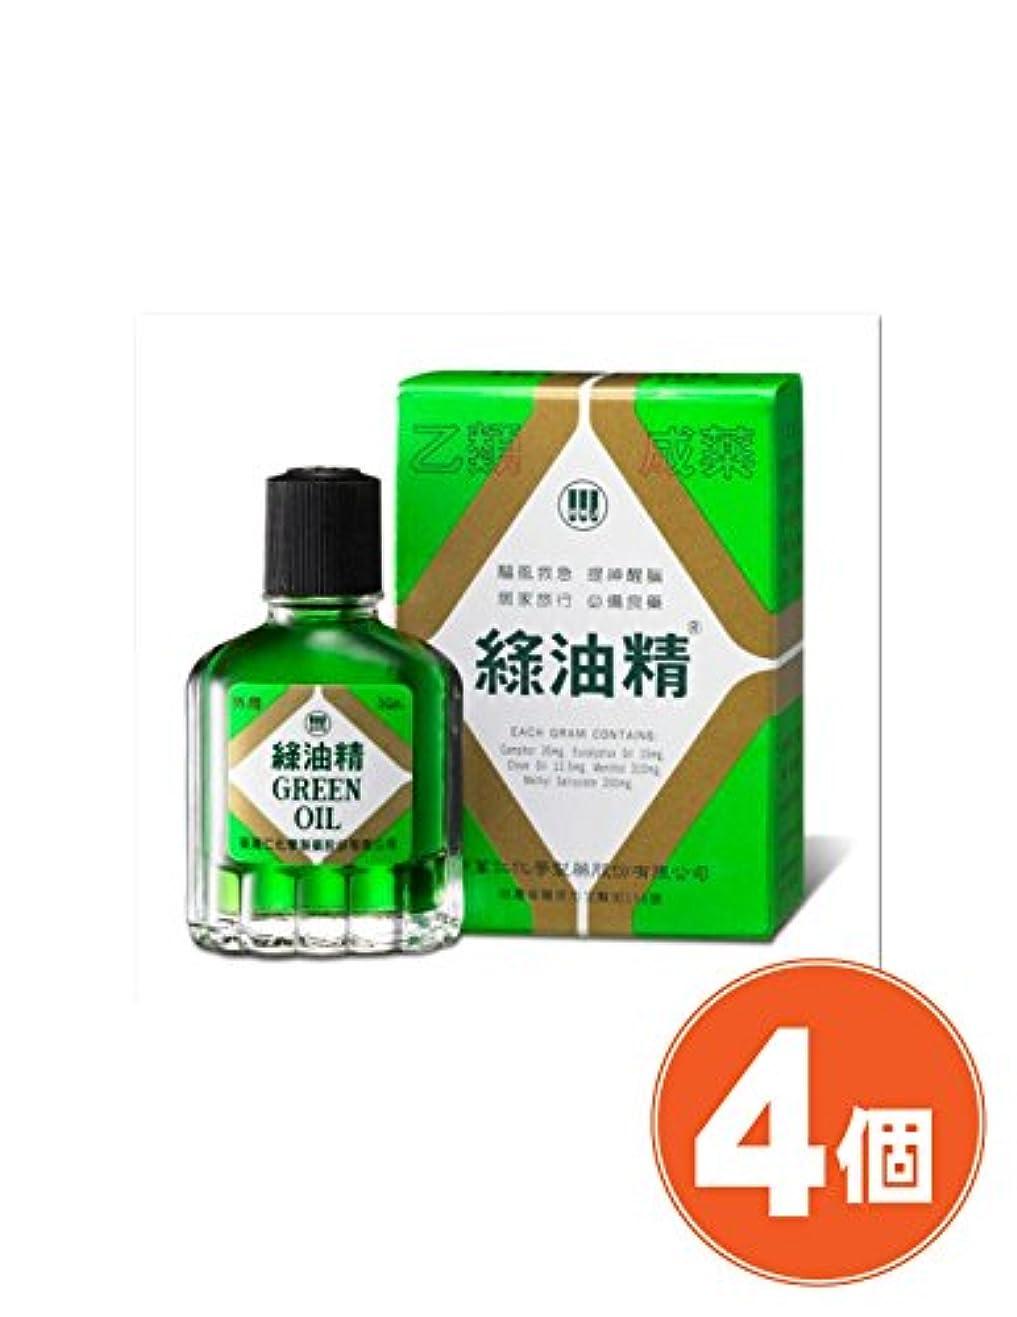 起きるつまらない敵意《新萬仁》台湾の万能グリーンオイル 緑油精 3g ×4個 《台湾 お土産》 [並行輸入品]